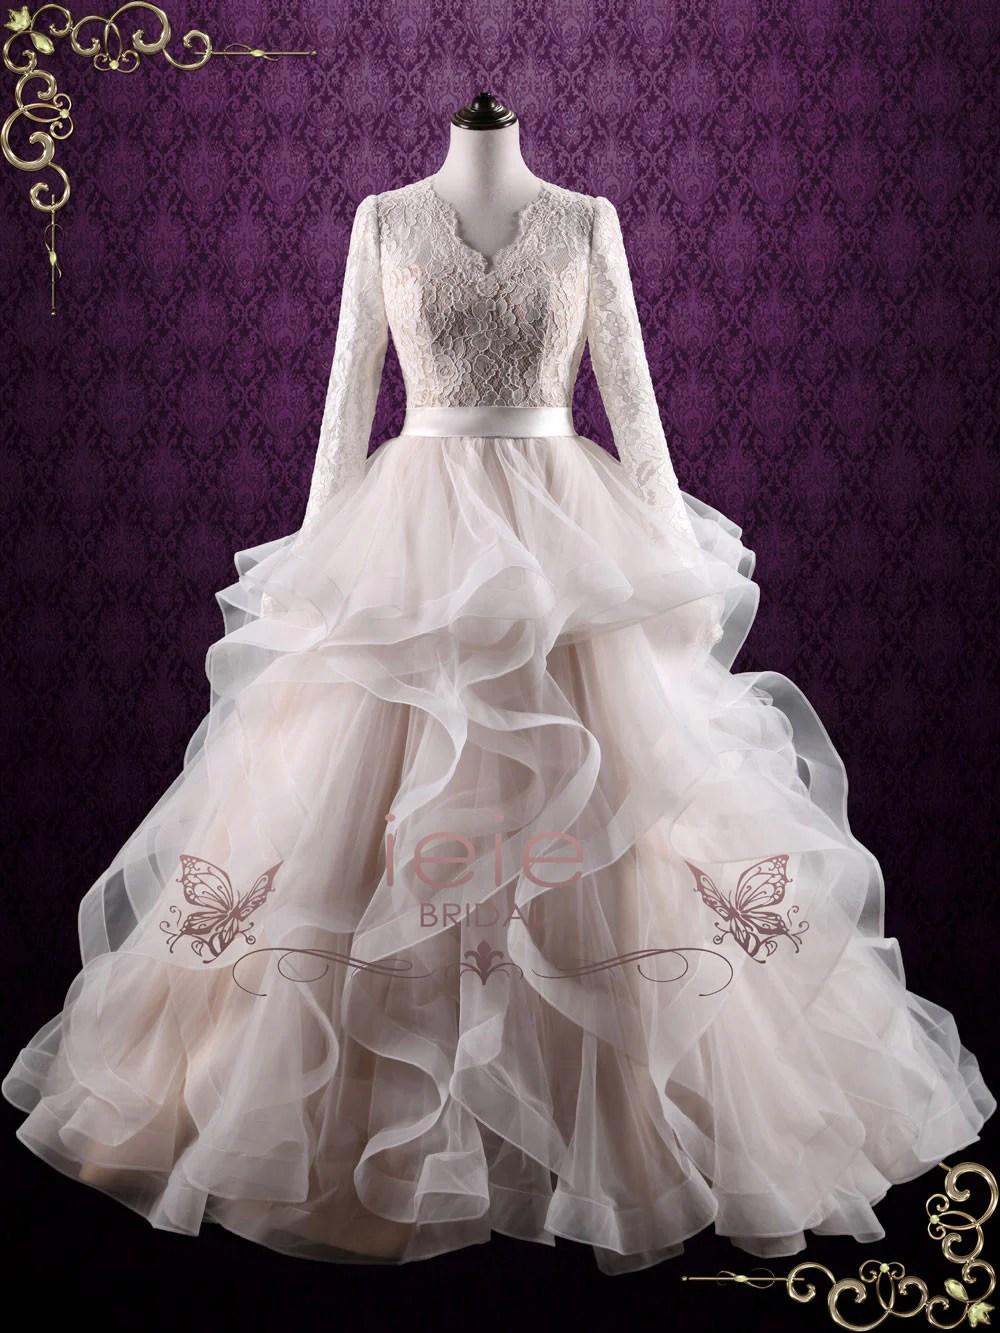 temple mormon wedding dresses Modest Wedding Dresses Mormon LDS Temple Marriage Alcott